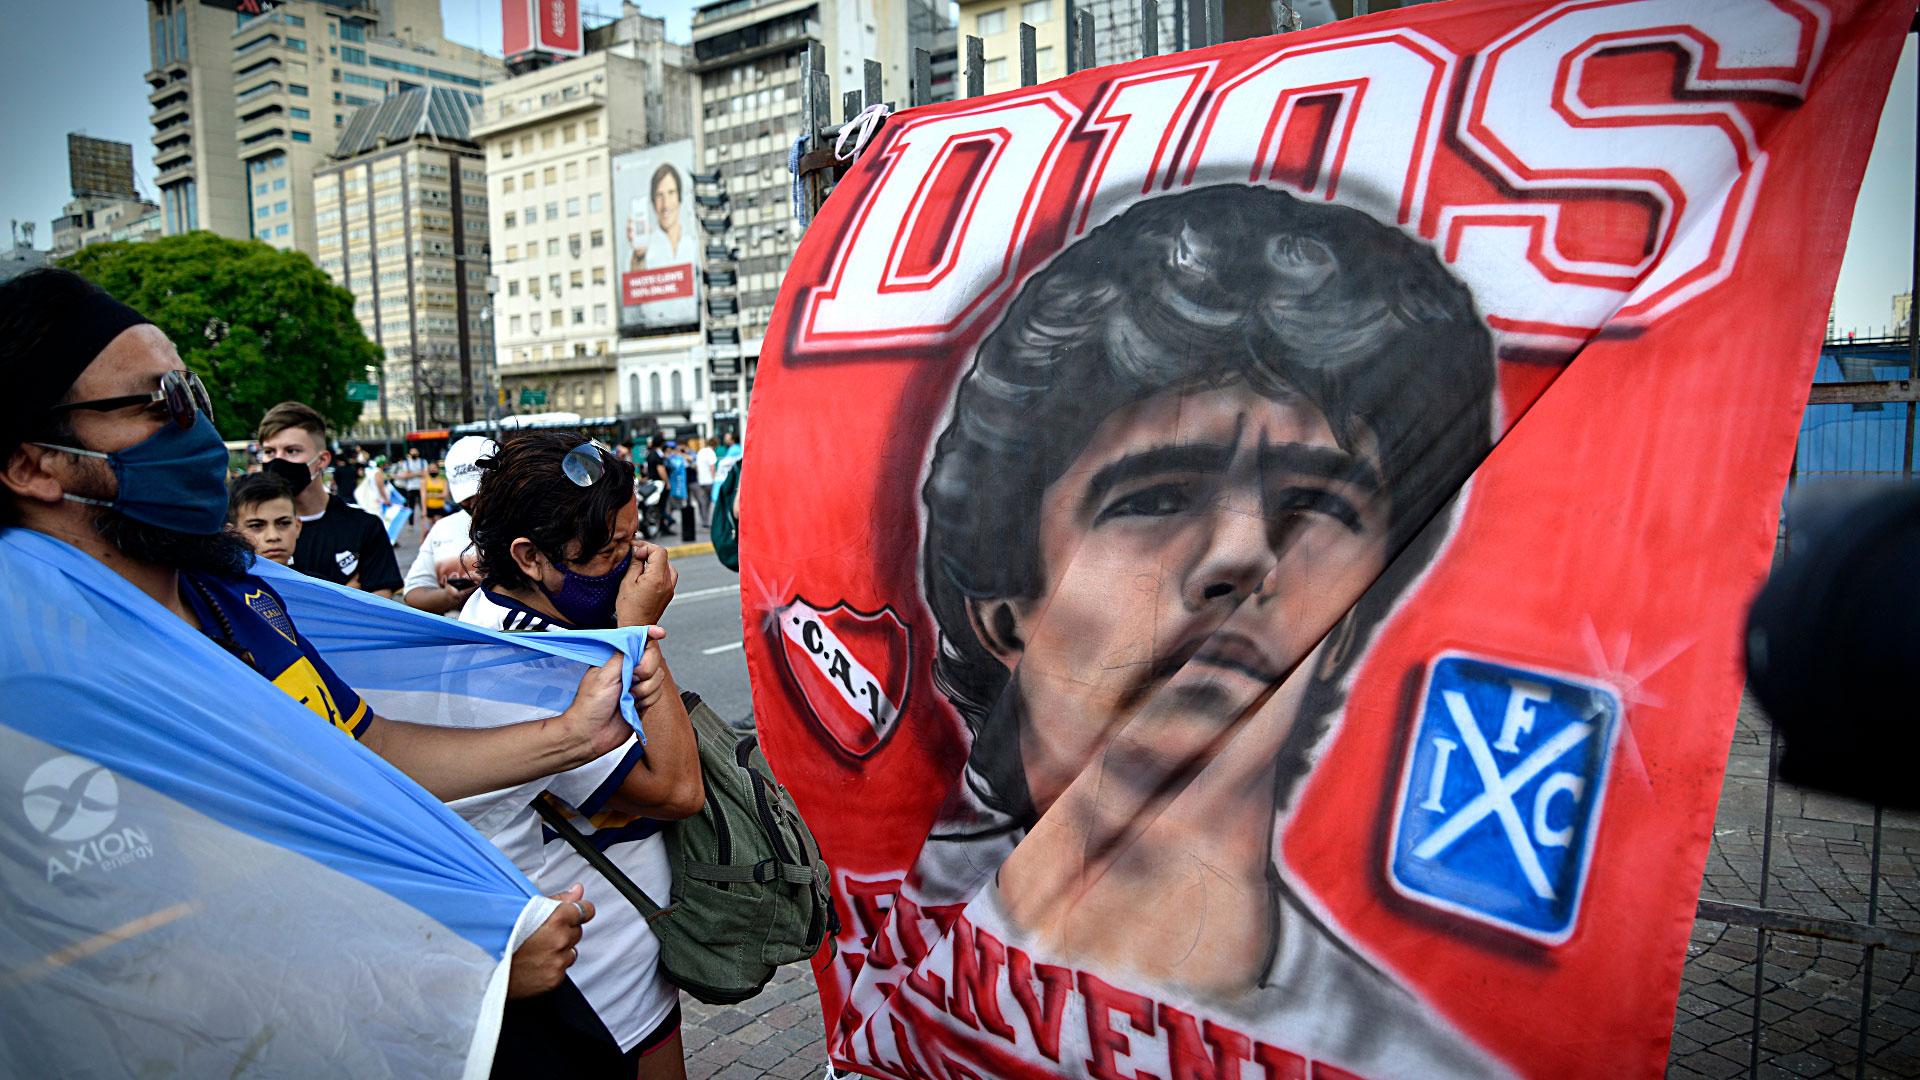 Un hincha de Independiente recuerda al astro. Diego tenía simpatía por el Rojo y Bochini fue su ídolo (Gustavo Gavotti)